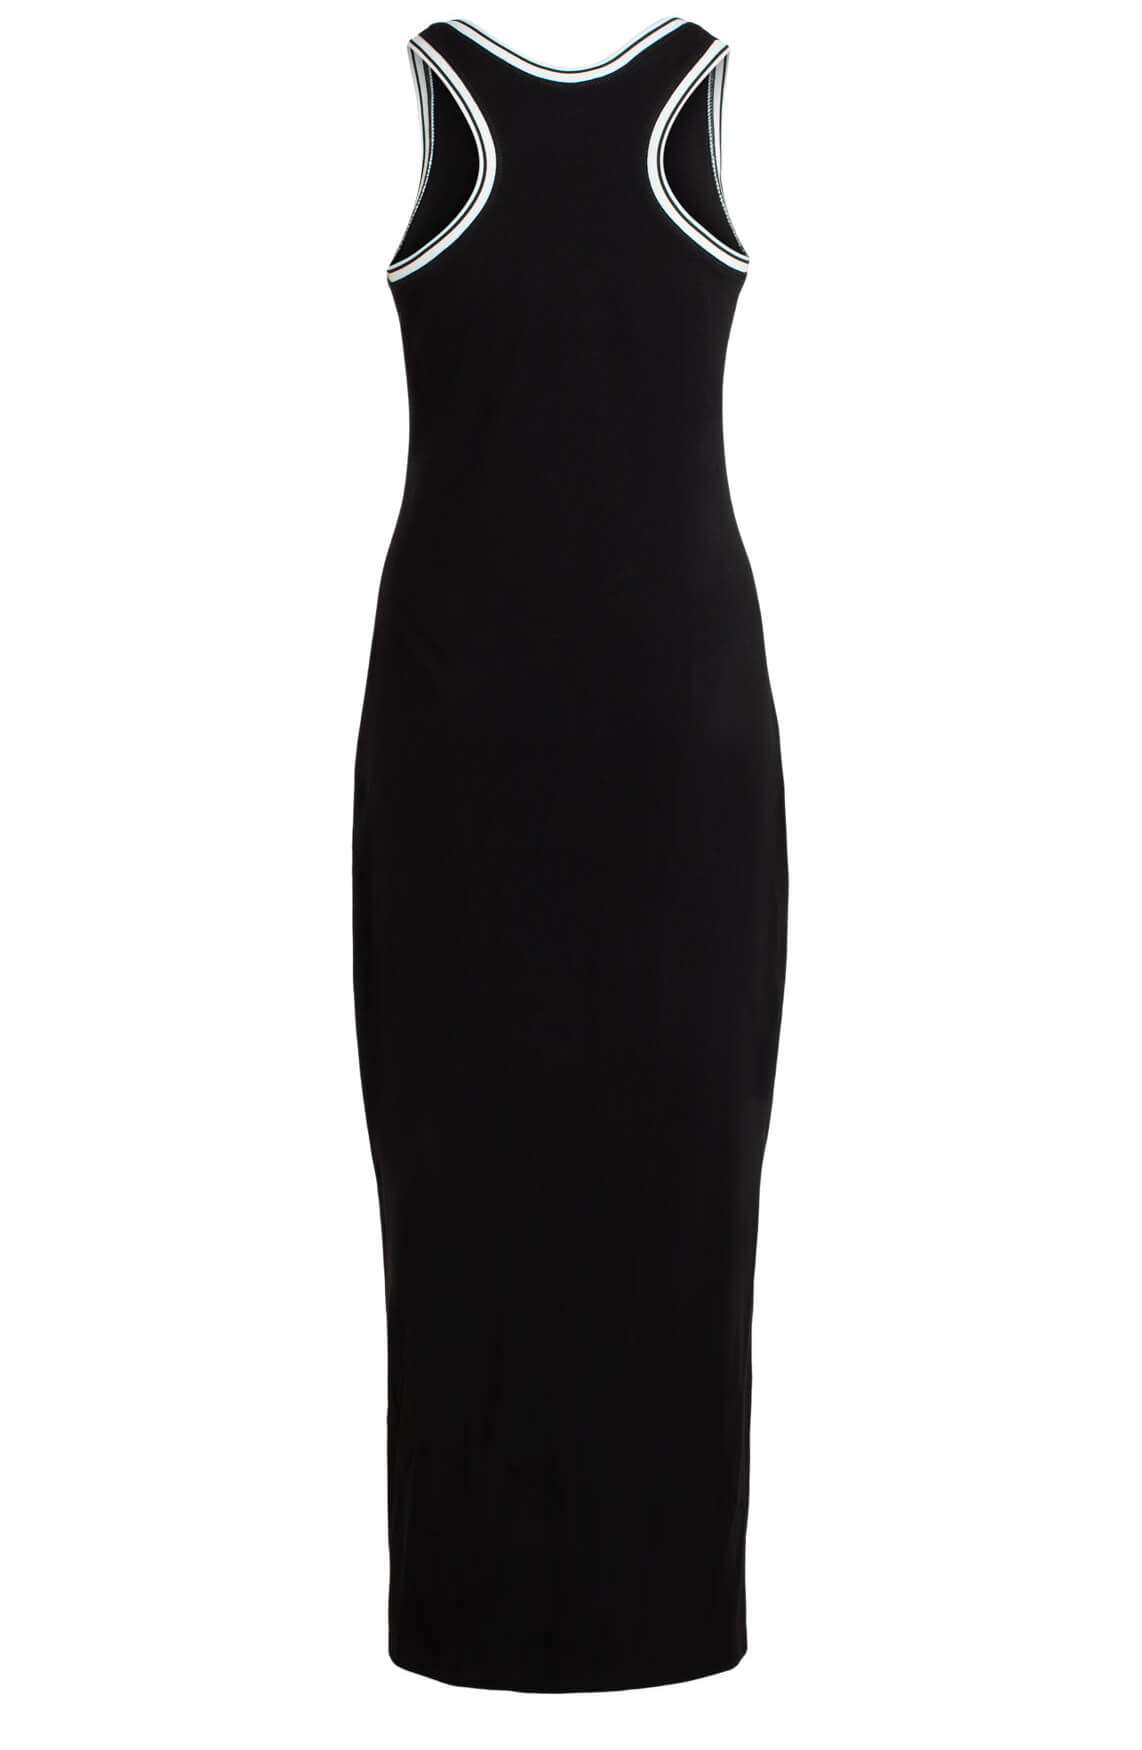 Anna Dames Mouwloze jurk zwart